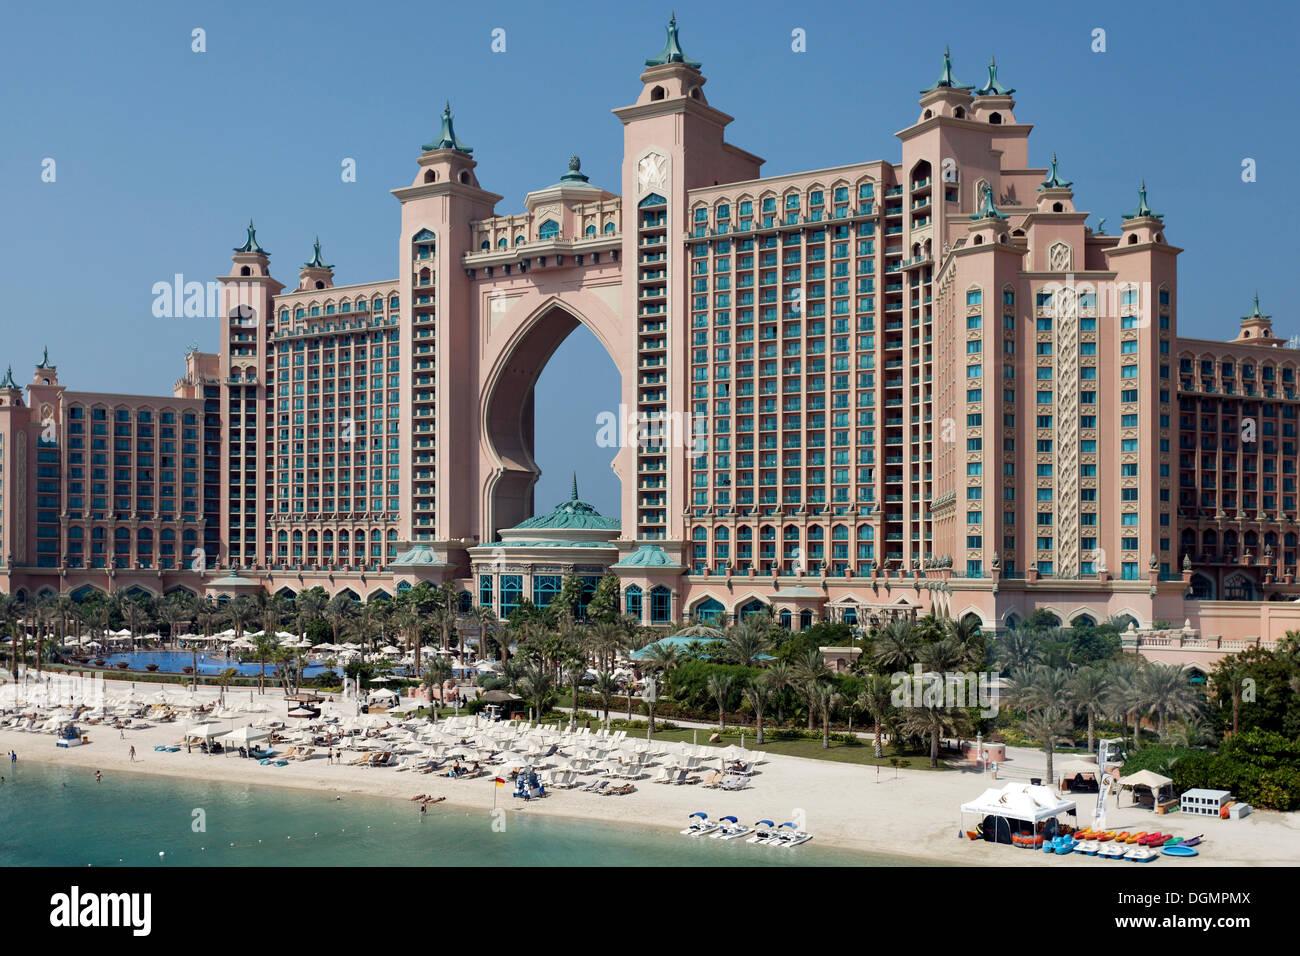 Atlantis a luxury hotel the palm jumeirah dubai united arab emirates middle east asia